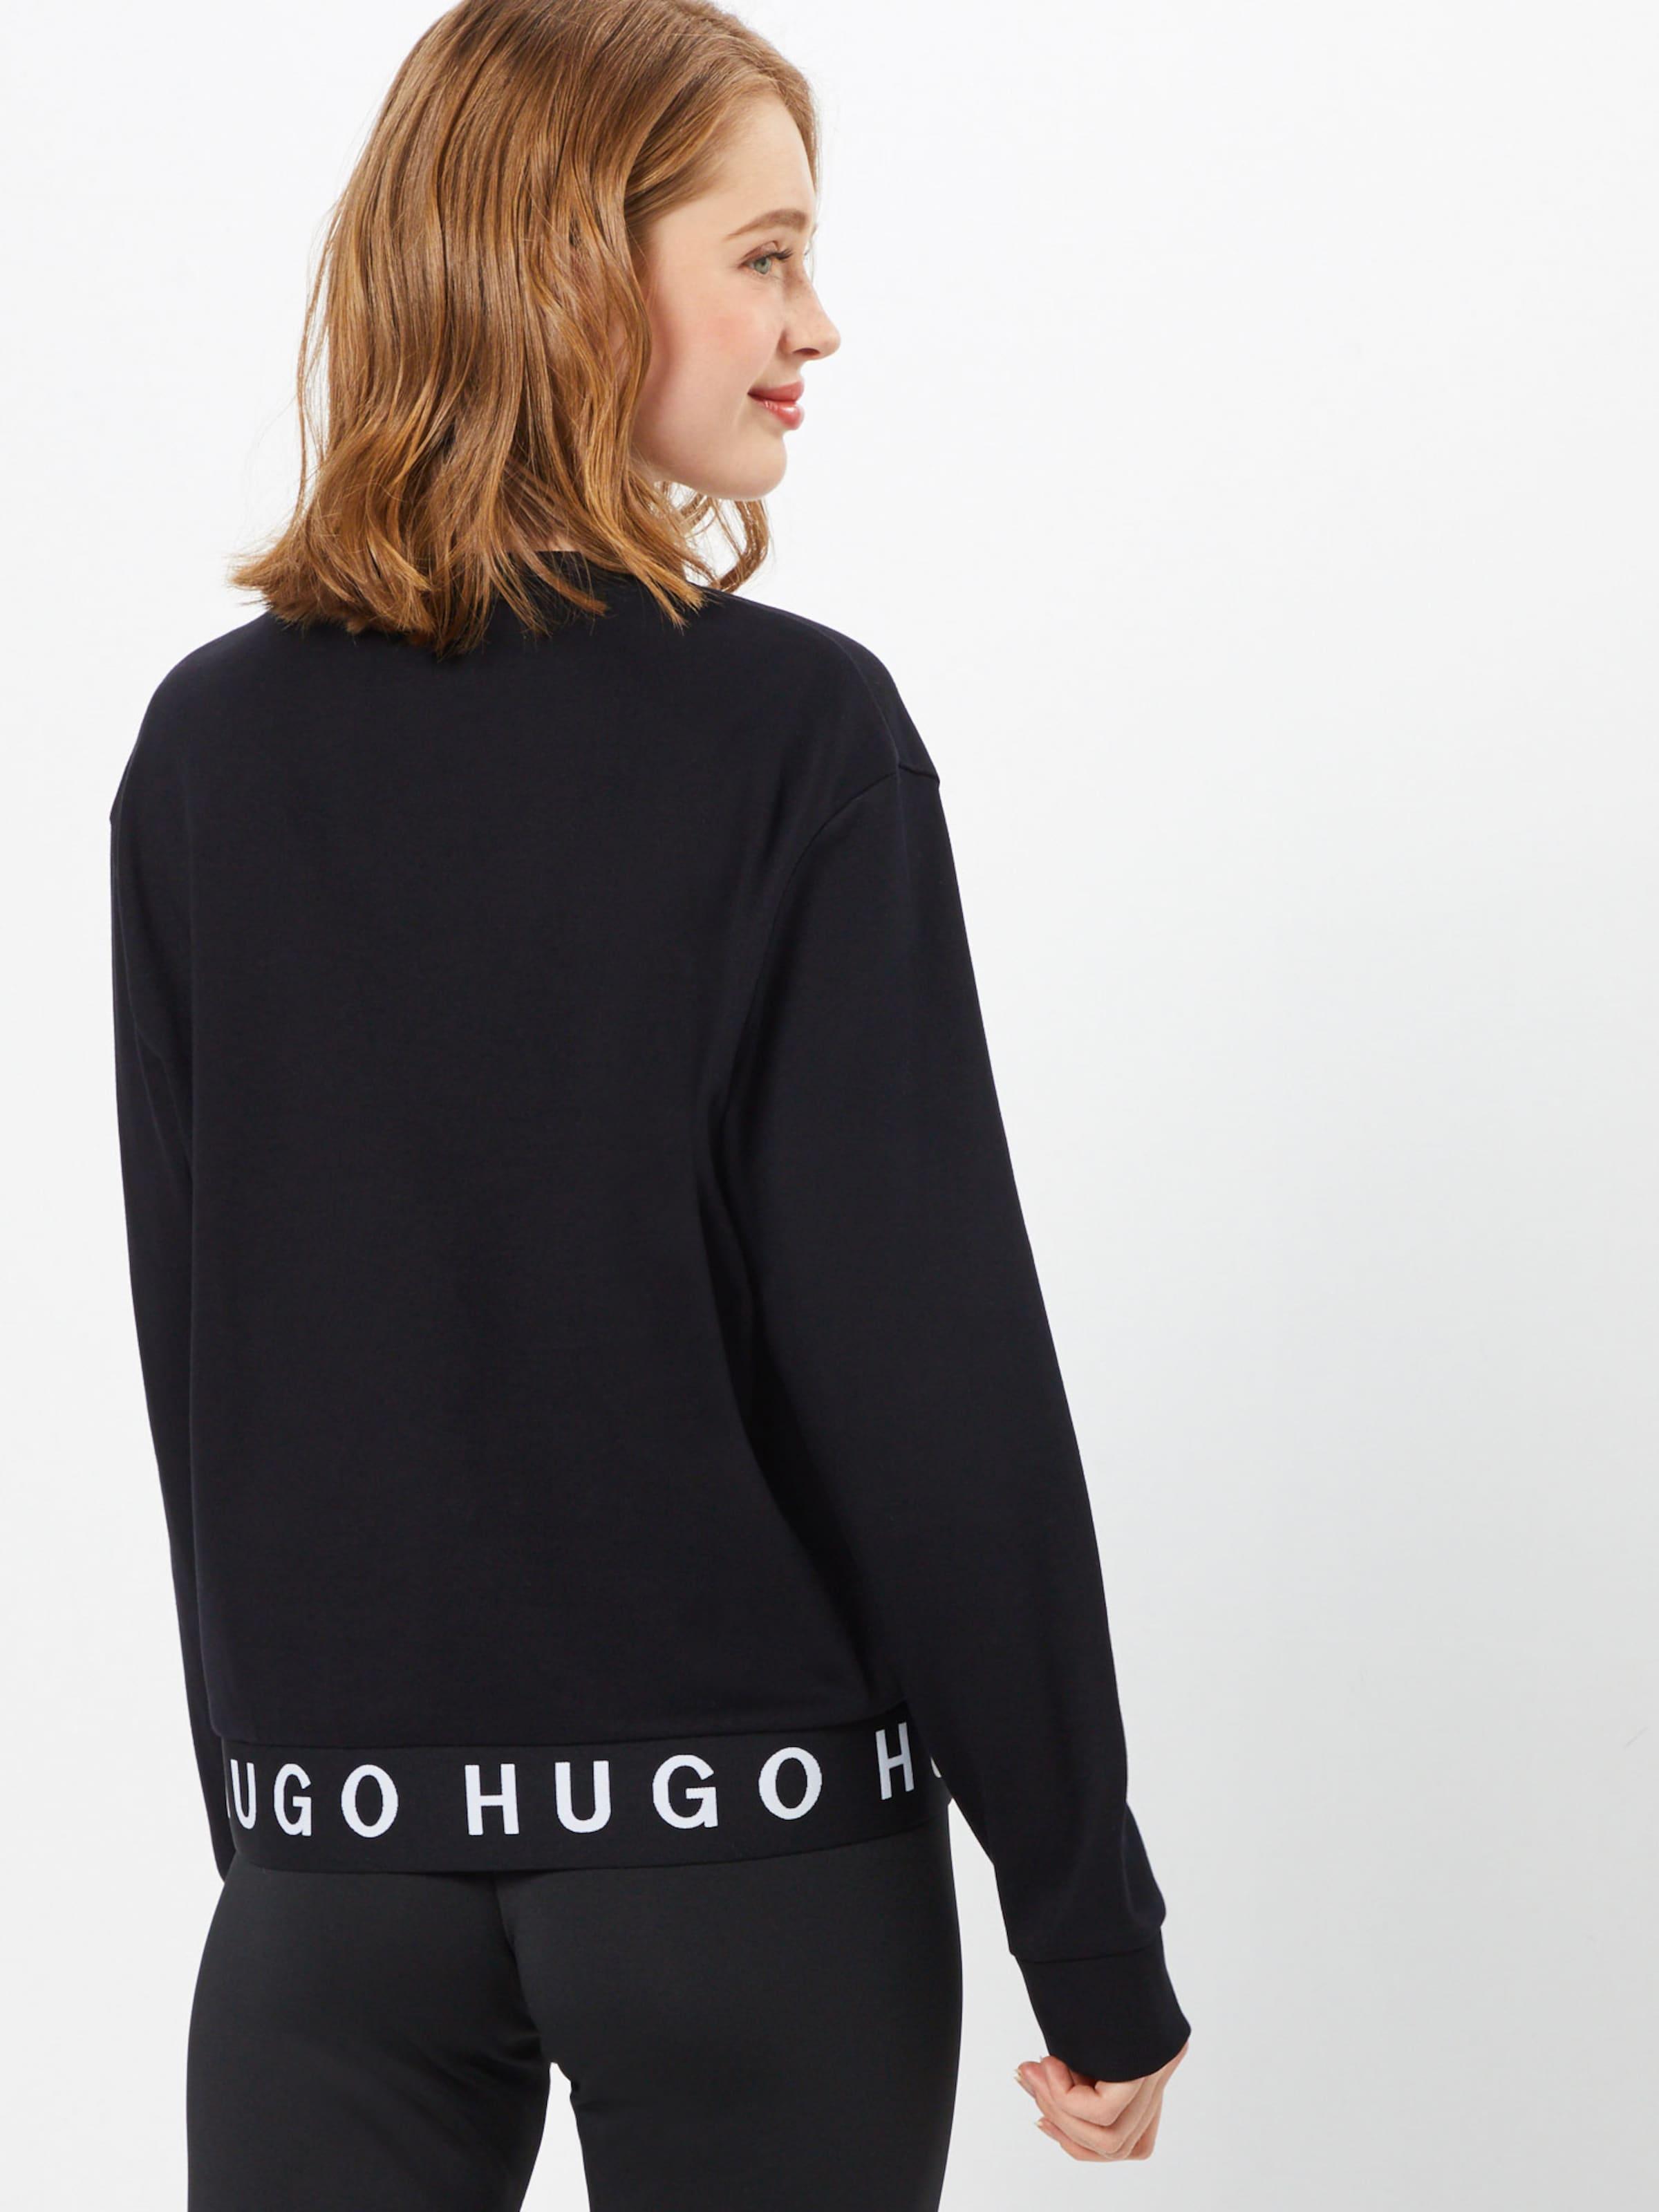 'nicci Schwarz Hugo In Sweatshirt 2' 4RL5A3jq